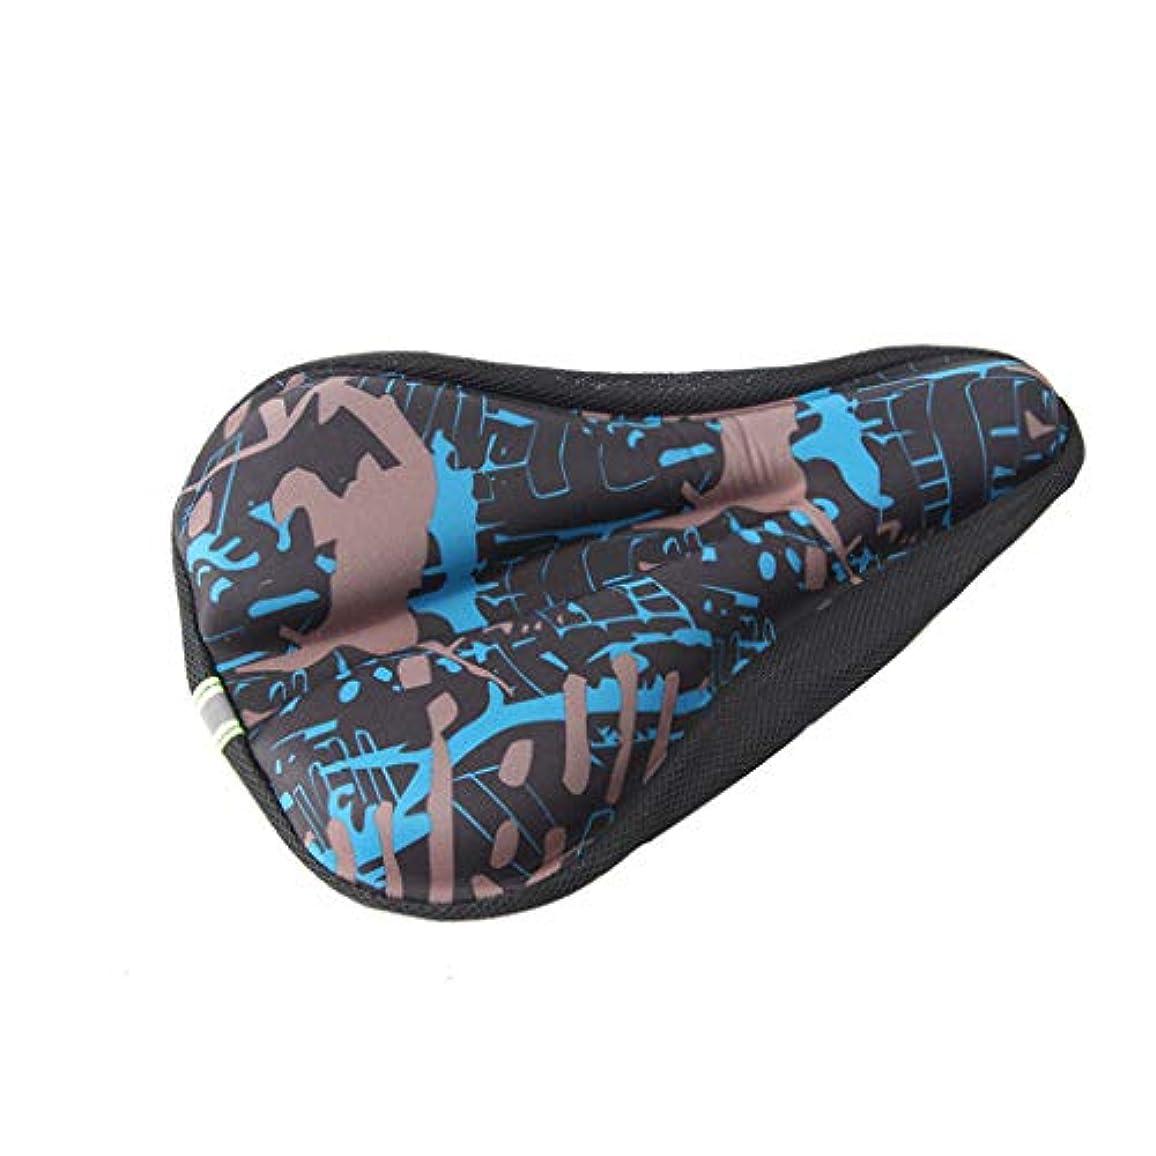 作り上げる挽くすり減る新しい より広い 自転車 シリコーンクッションソフトパッド 自転車 シリカゲルシート サドルカバー